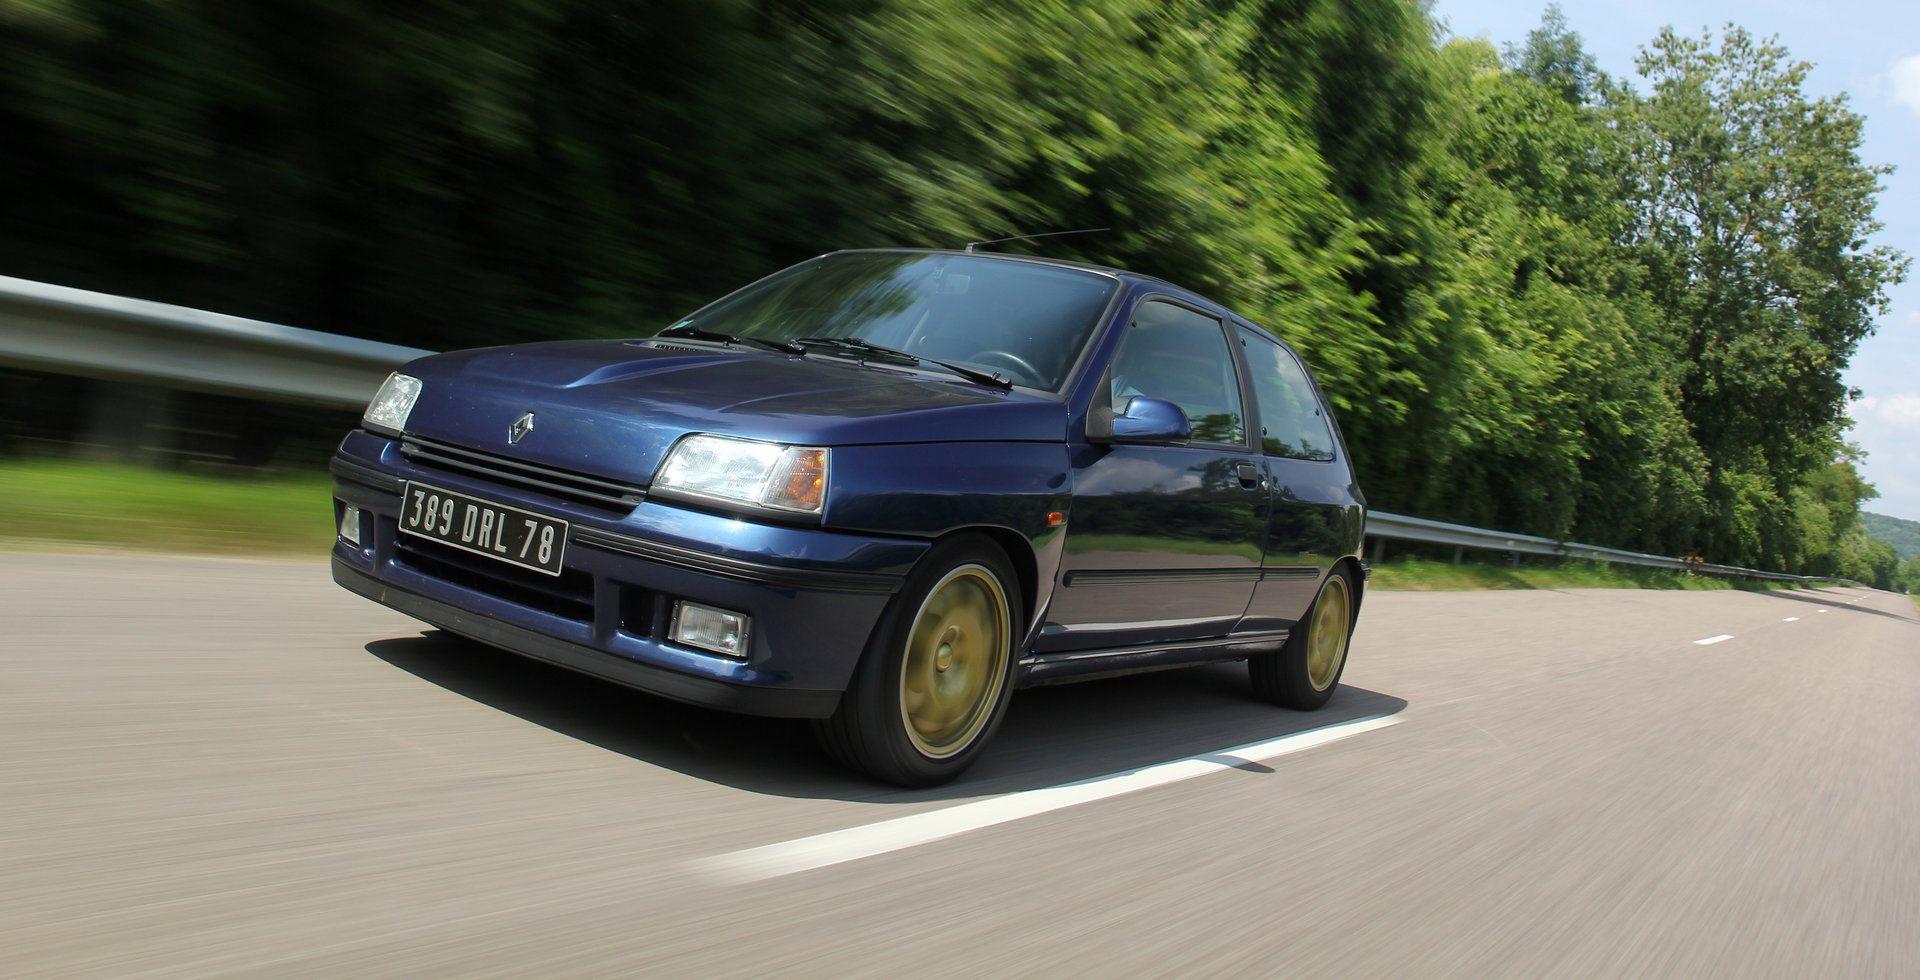 Coche del día: Renault Clio Williams